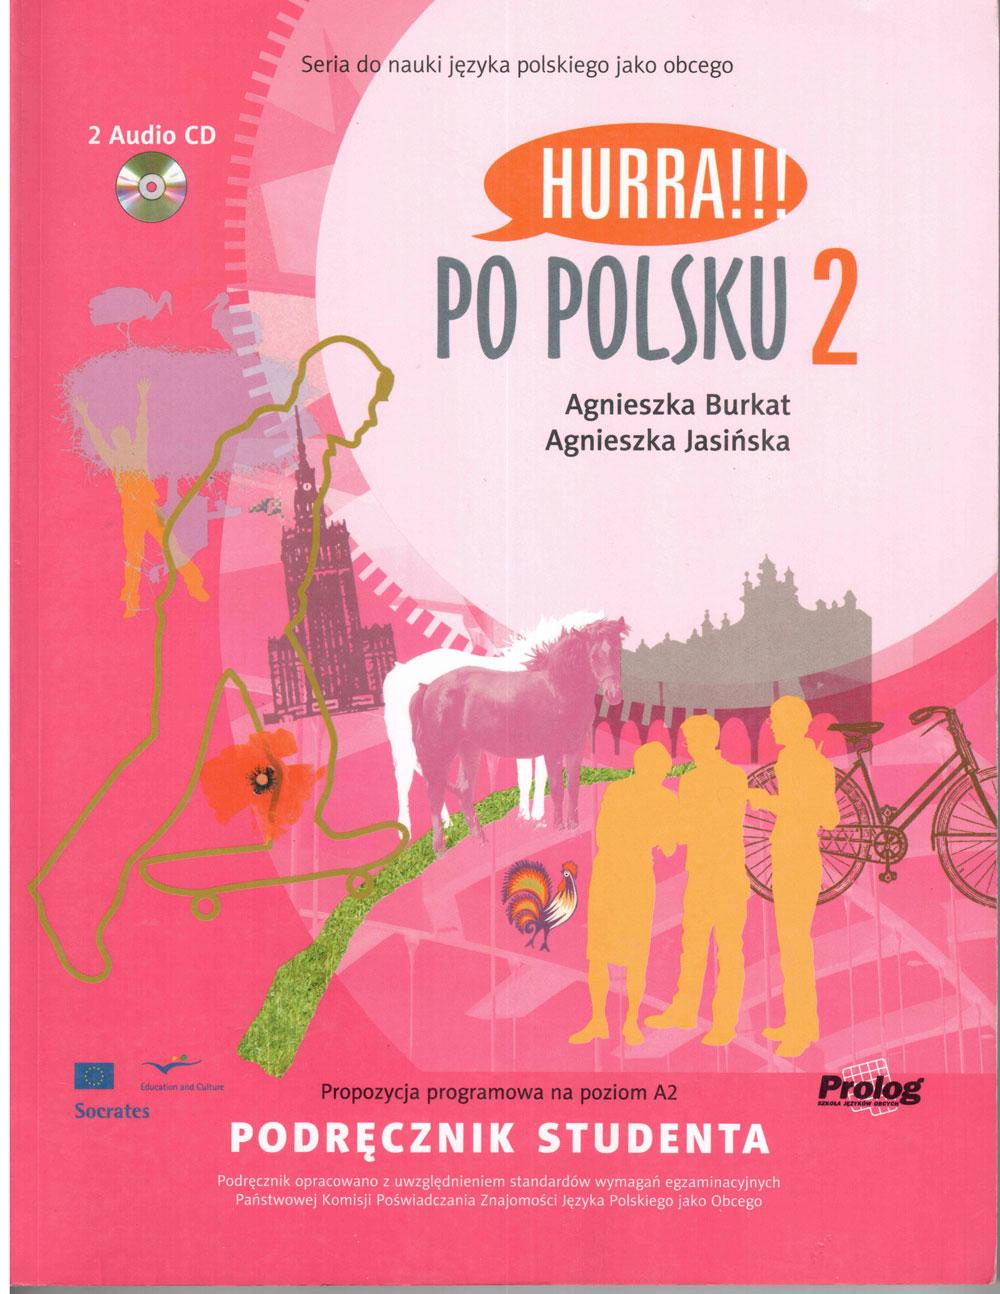 Курсы польского языка в Киеве - уровень А2 базовый